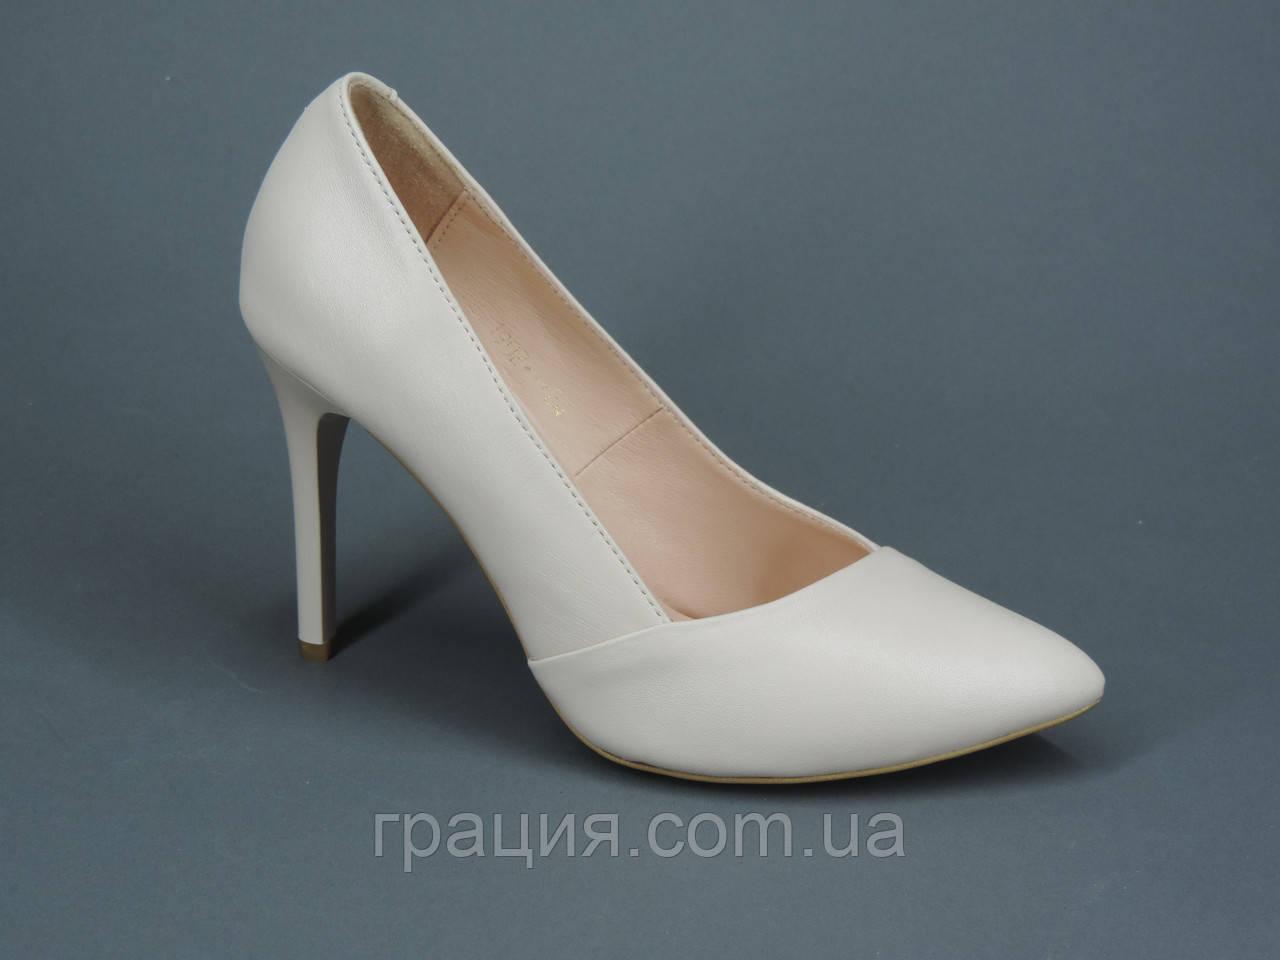 Элегантные классические женские туфли из натуральной кожи туфли на шпильке